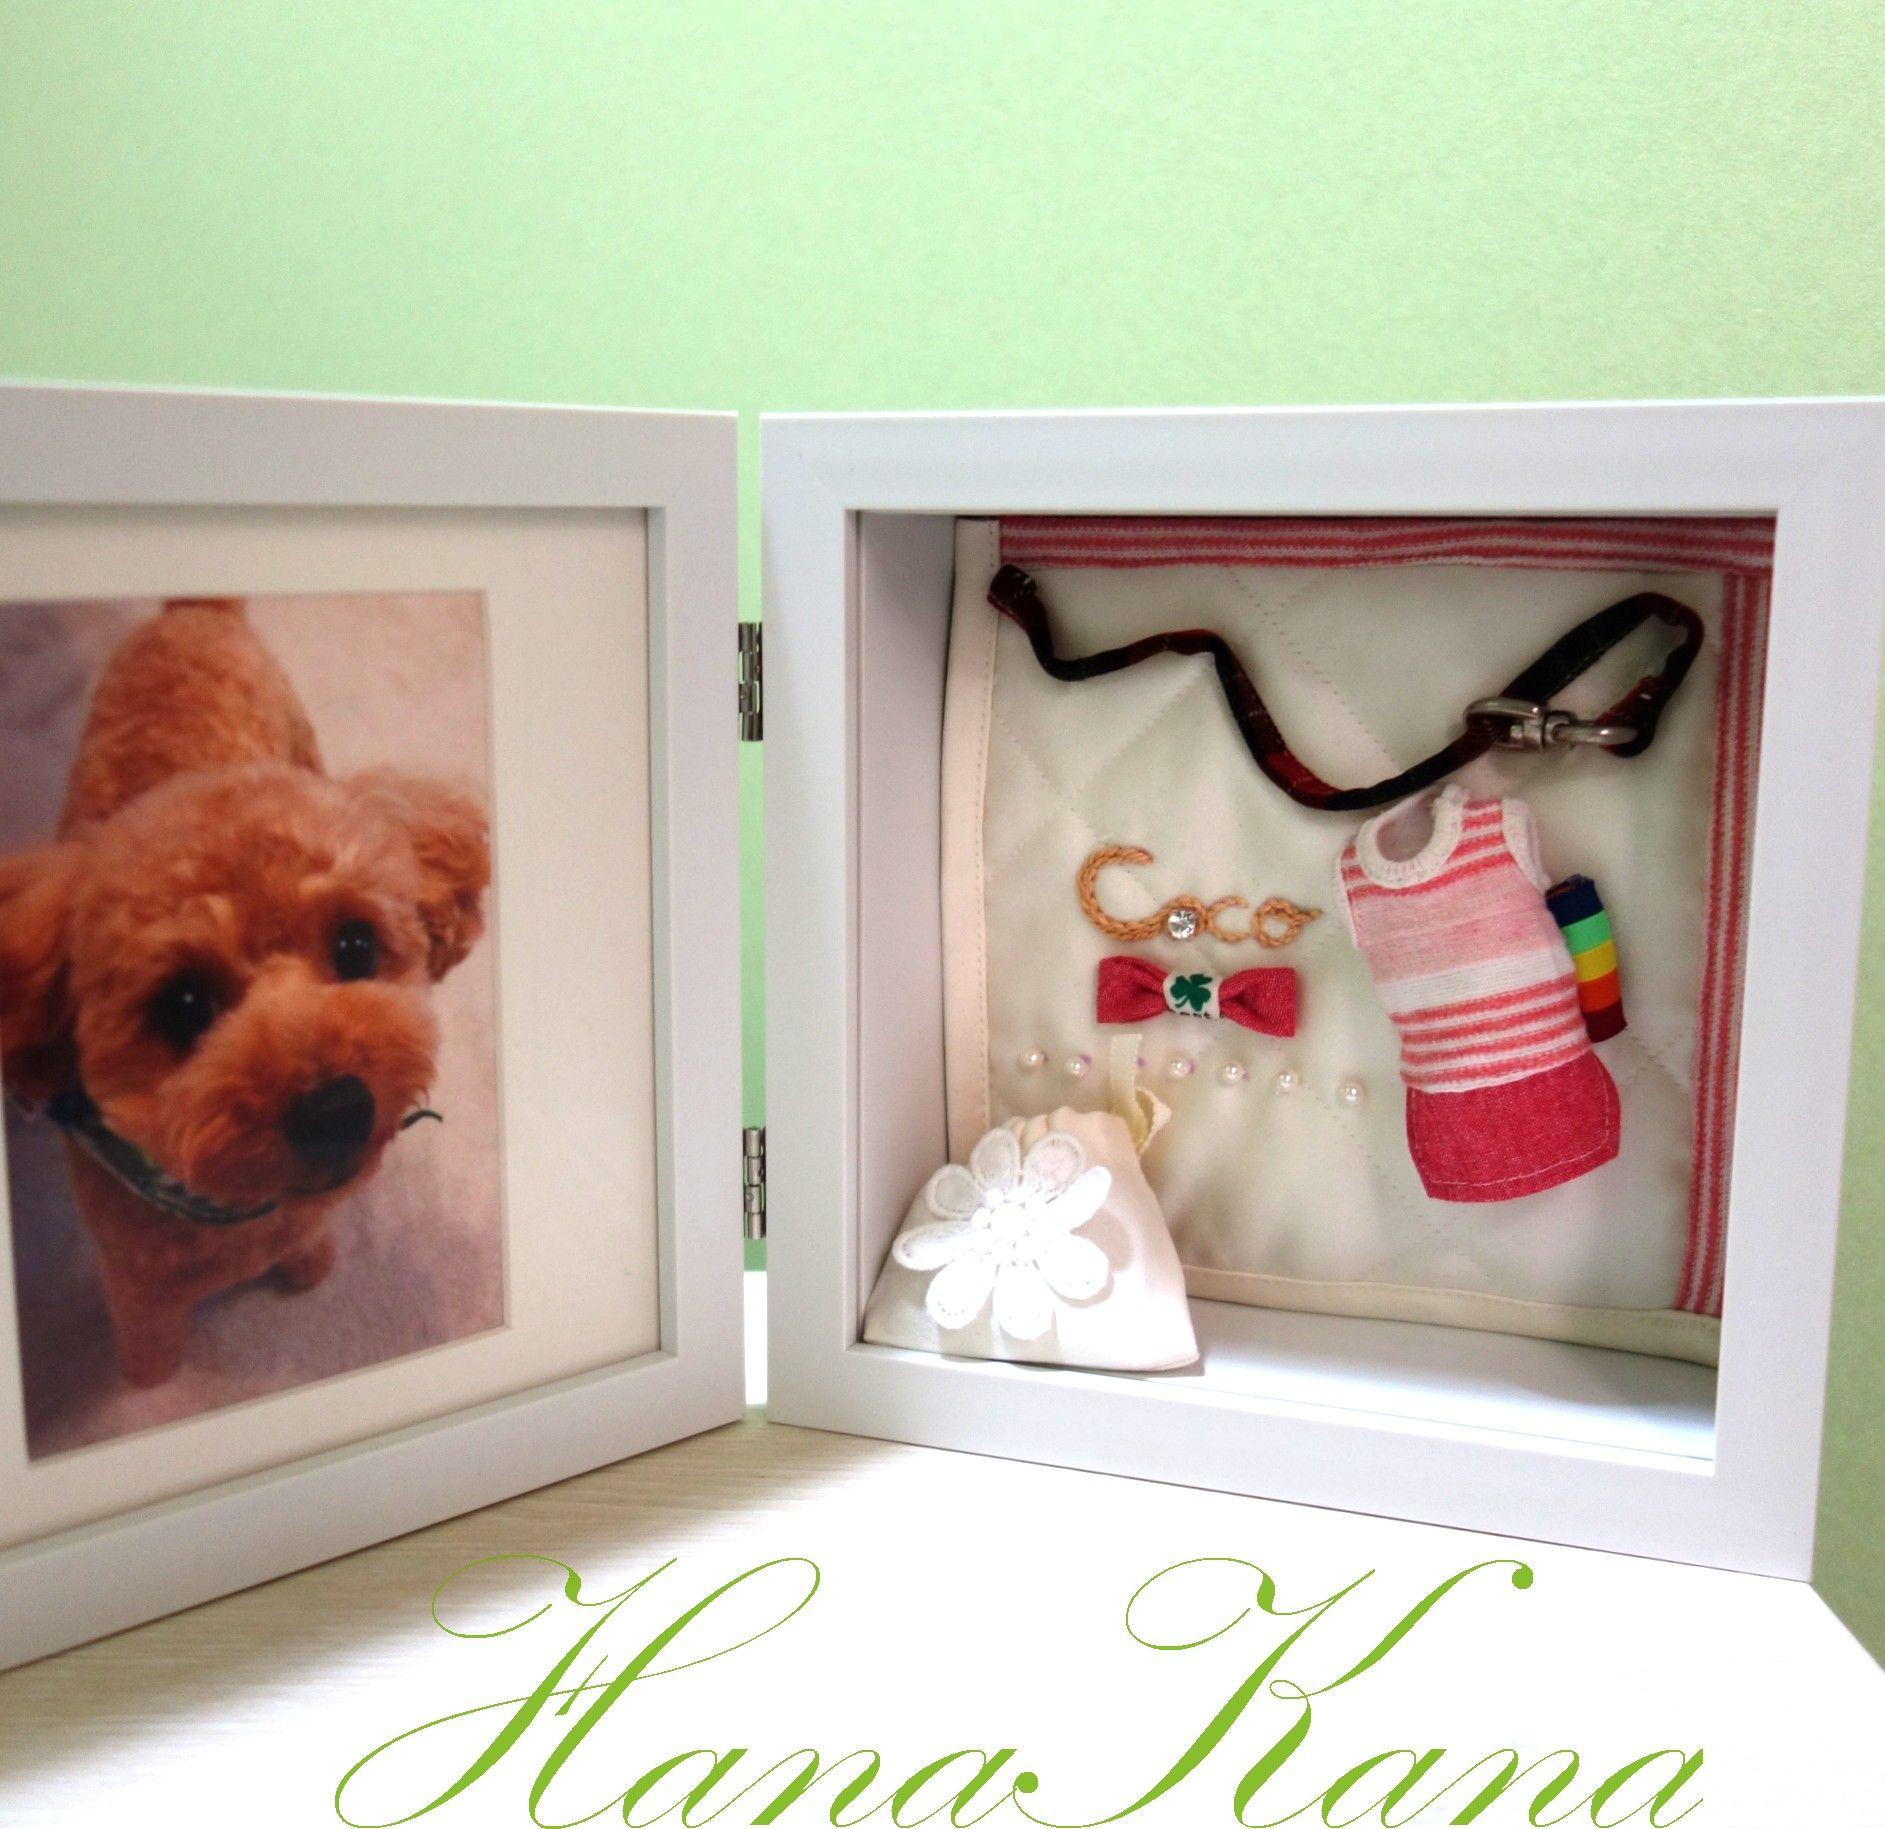 大切なペットの思い出をまとめて収納 インテリアボックスにして素敵に飾って インテリア ボックス フレーム インテリア フォトフレーム